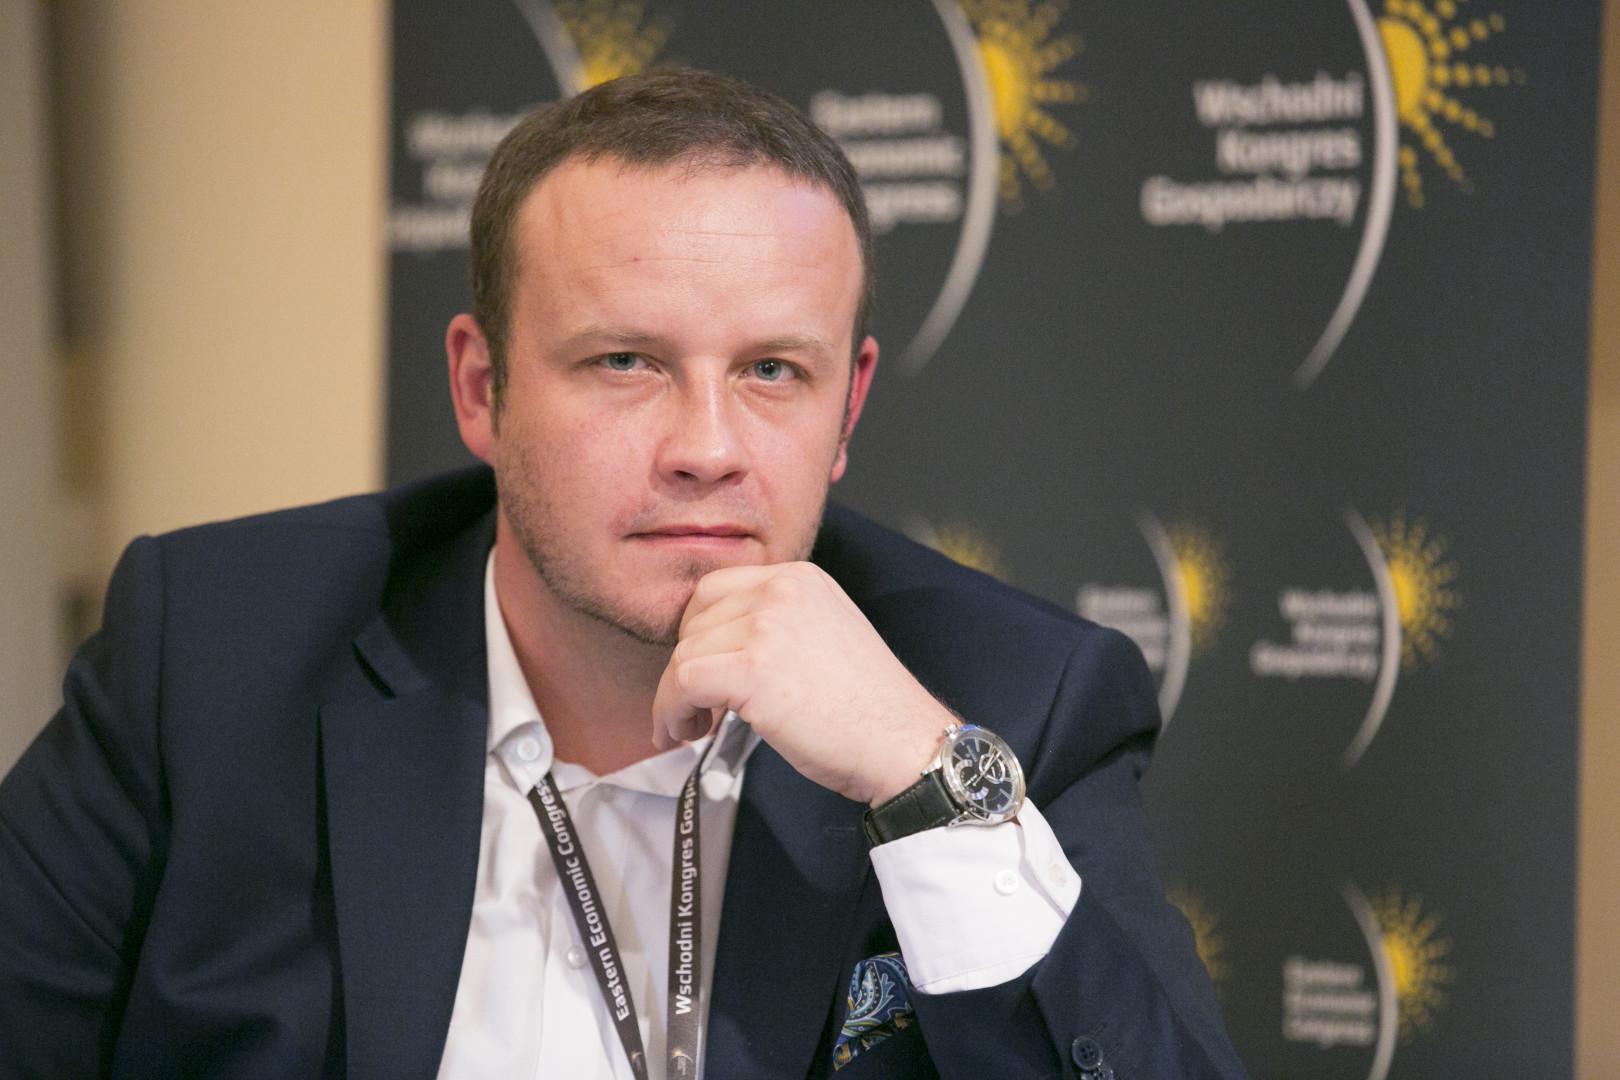 Moderatorem debaty był Rafał Kerger, redaktor naczelny PortalSamorzadowy.pl i WNP.PL.